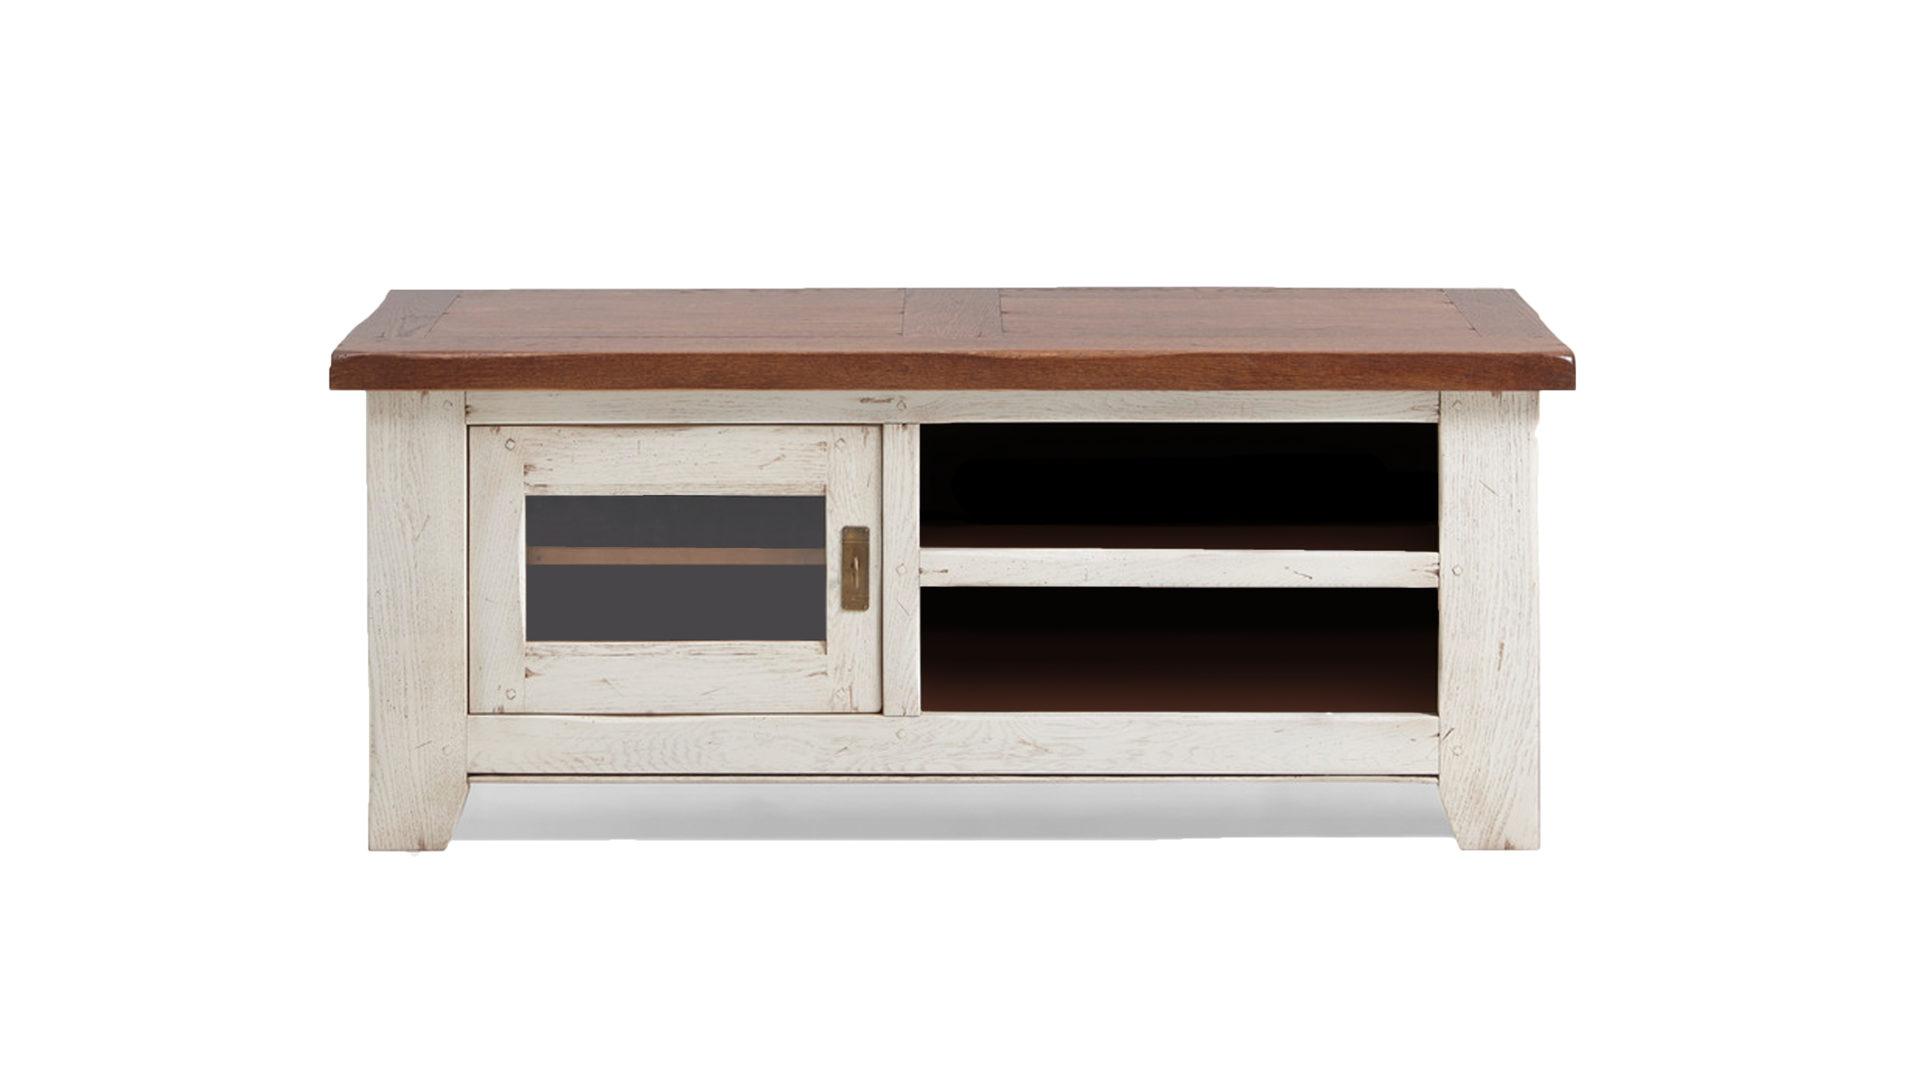 Lowboard Im Landhausstil Als Tv Möbel Ivory Walnussfarbenes